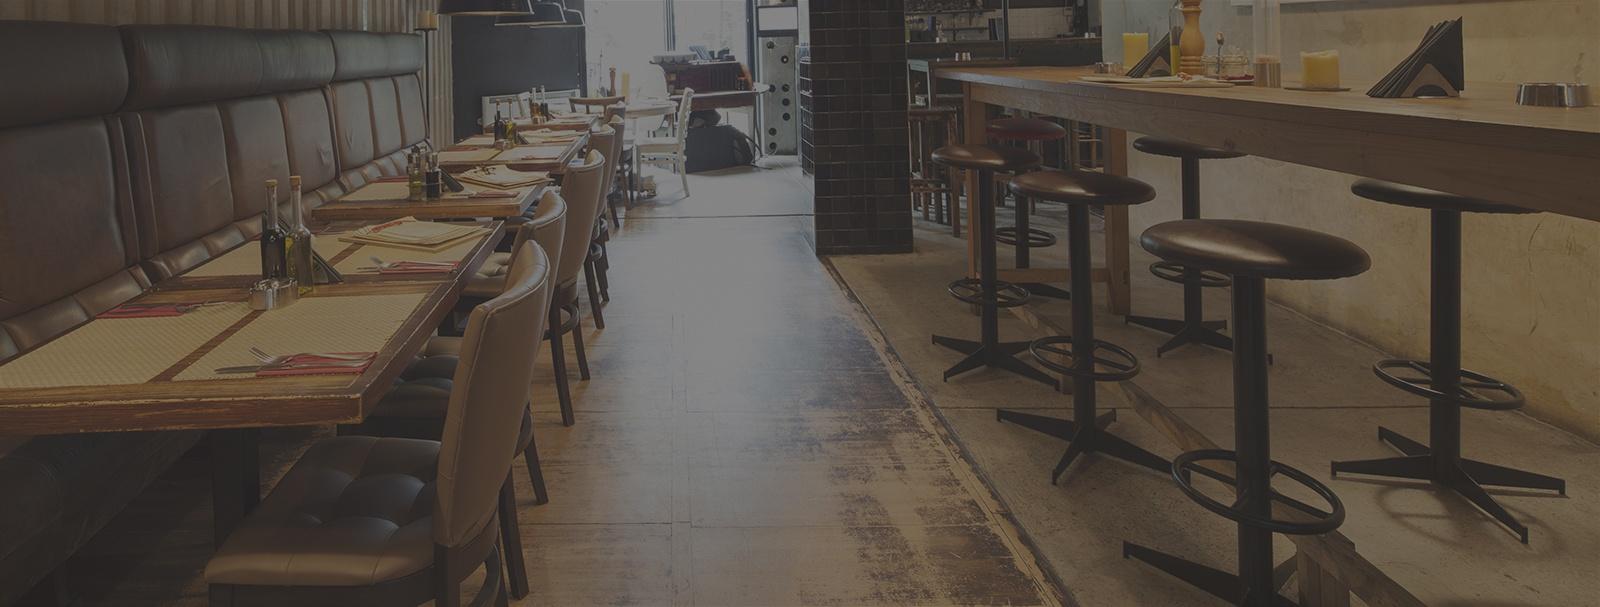 banner-restaurant-bookkeeping-v7.jpg